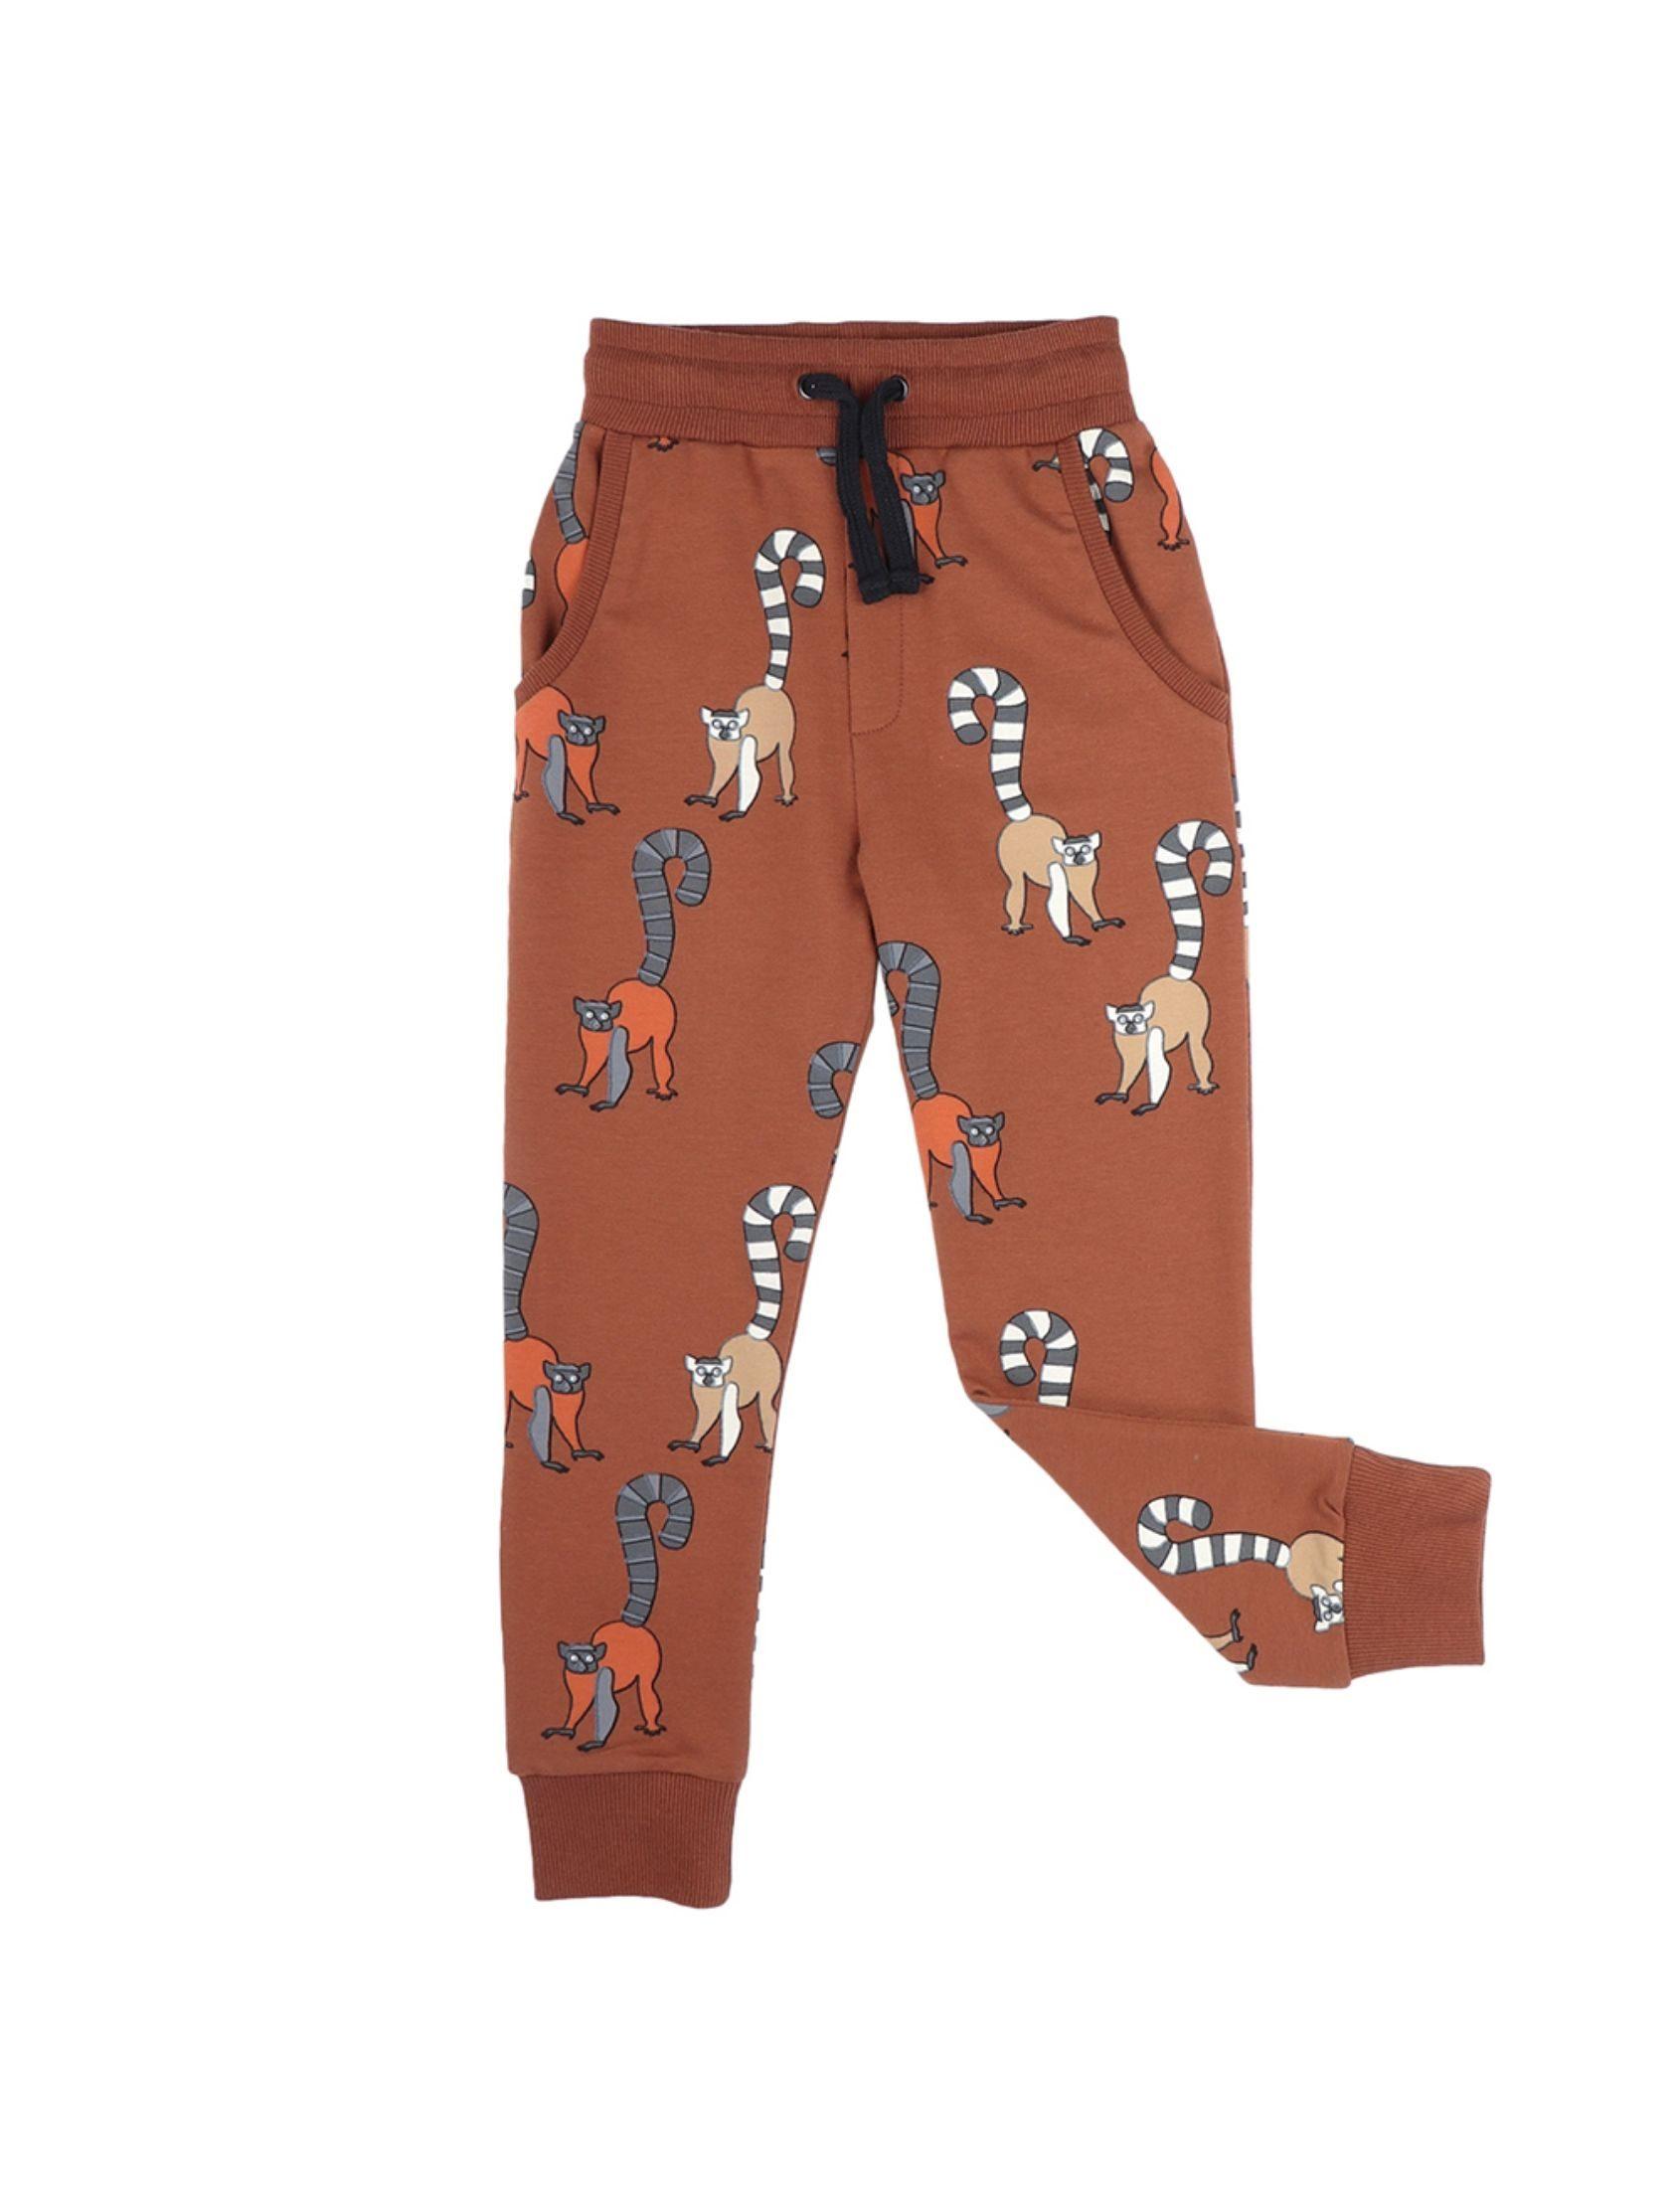 pantalón de chandal unisex en tono marron con estampado de animales de carlijnq